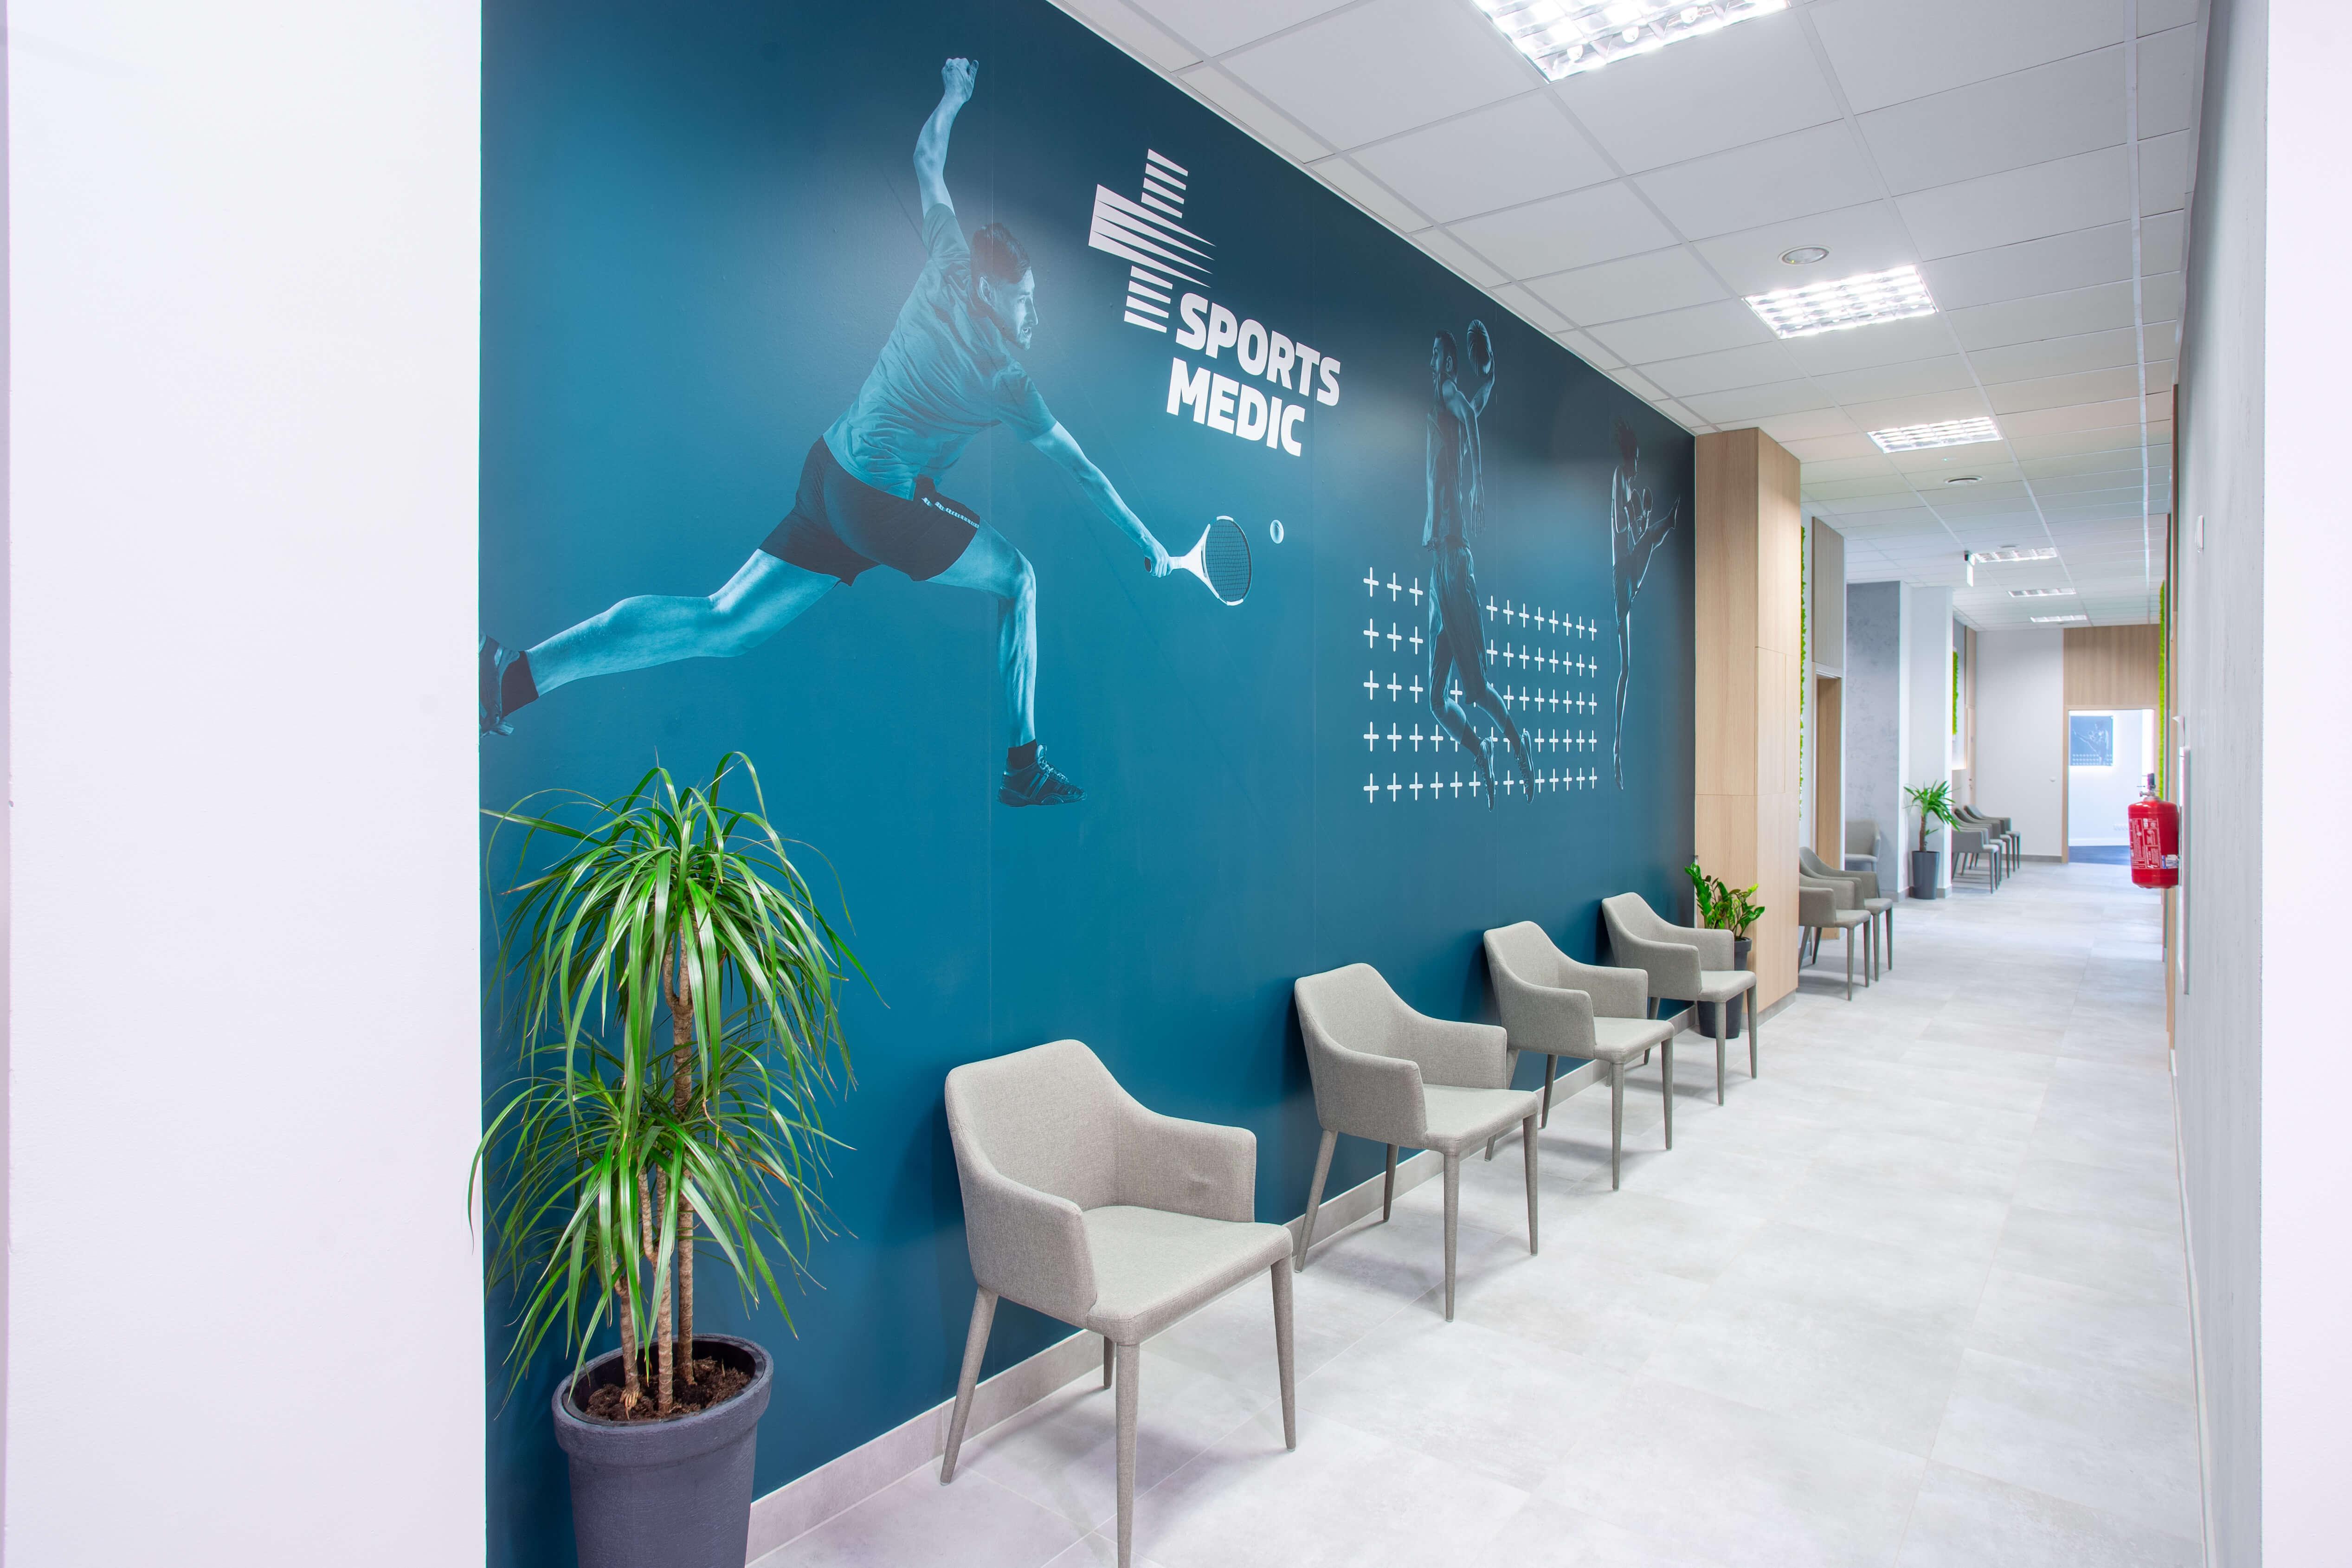 Kompleksowe Centrum Medyczne SportsMedic już otwarte!